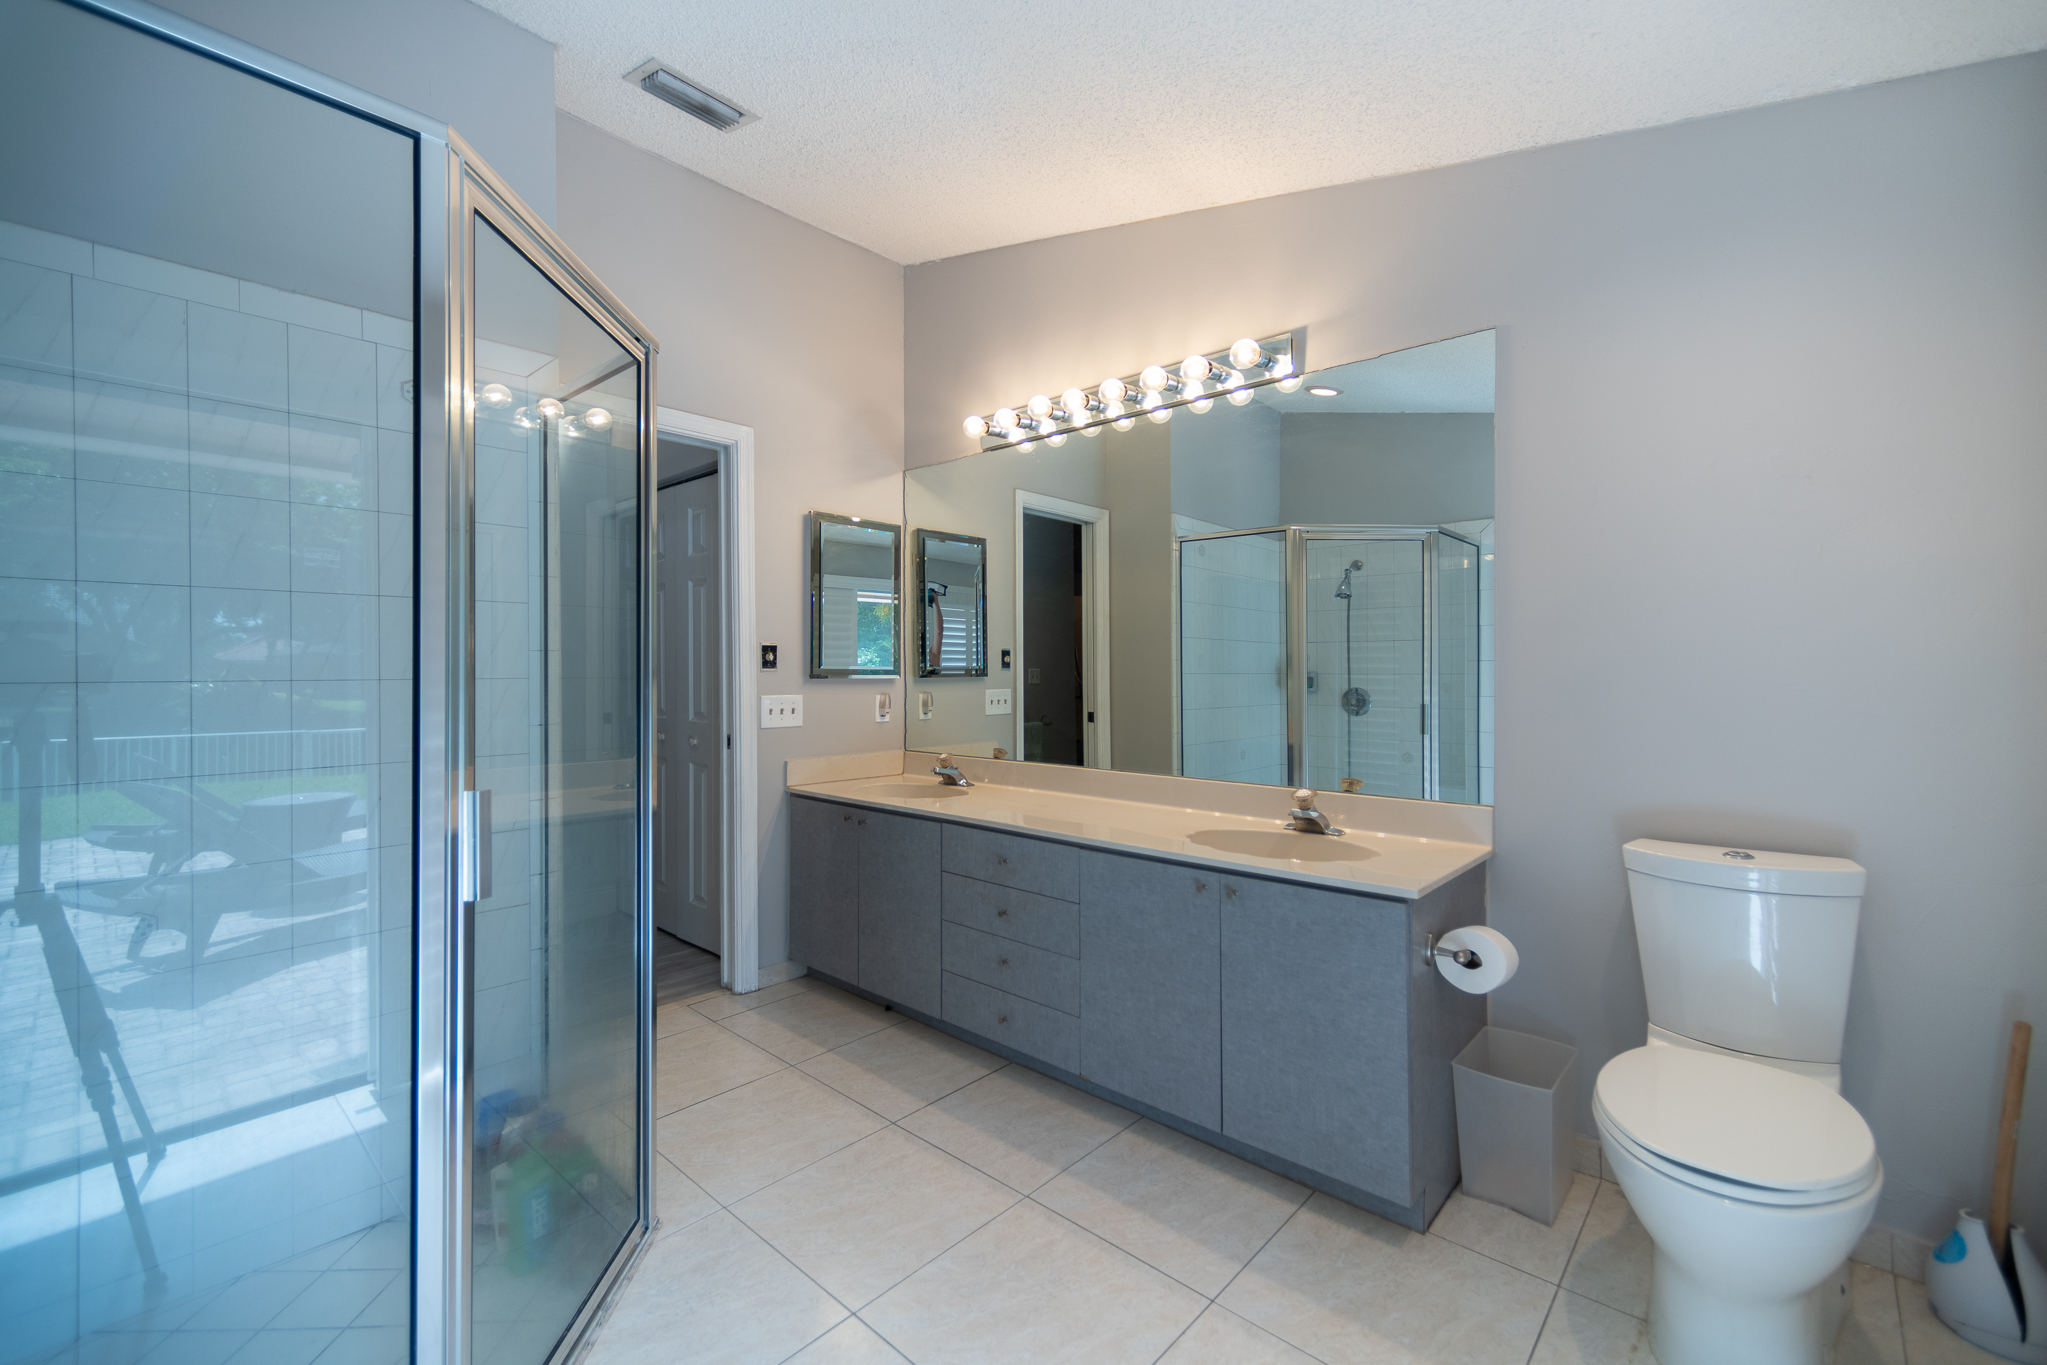 Bathroom Remodel Company Florida